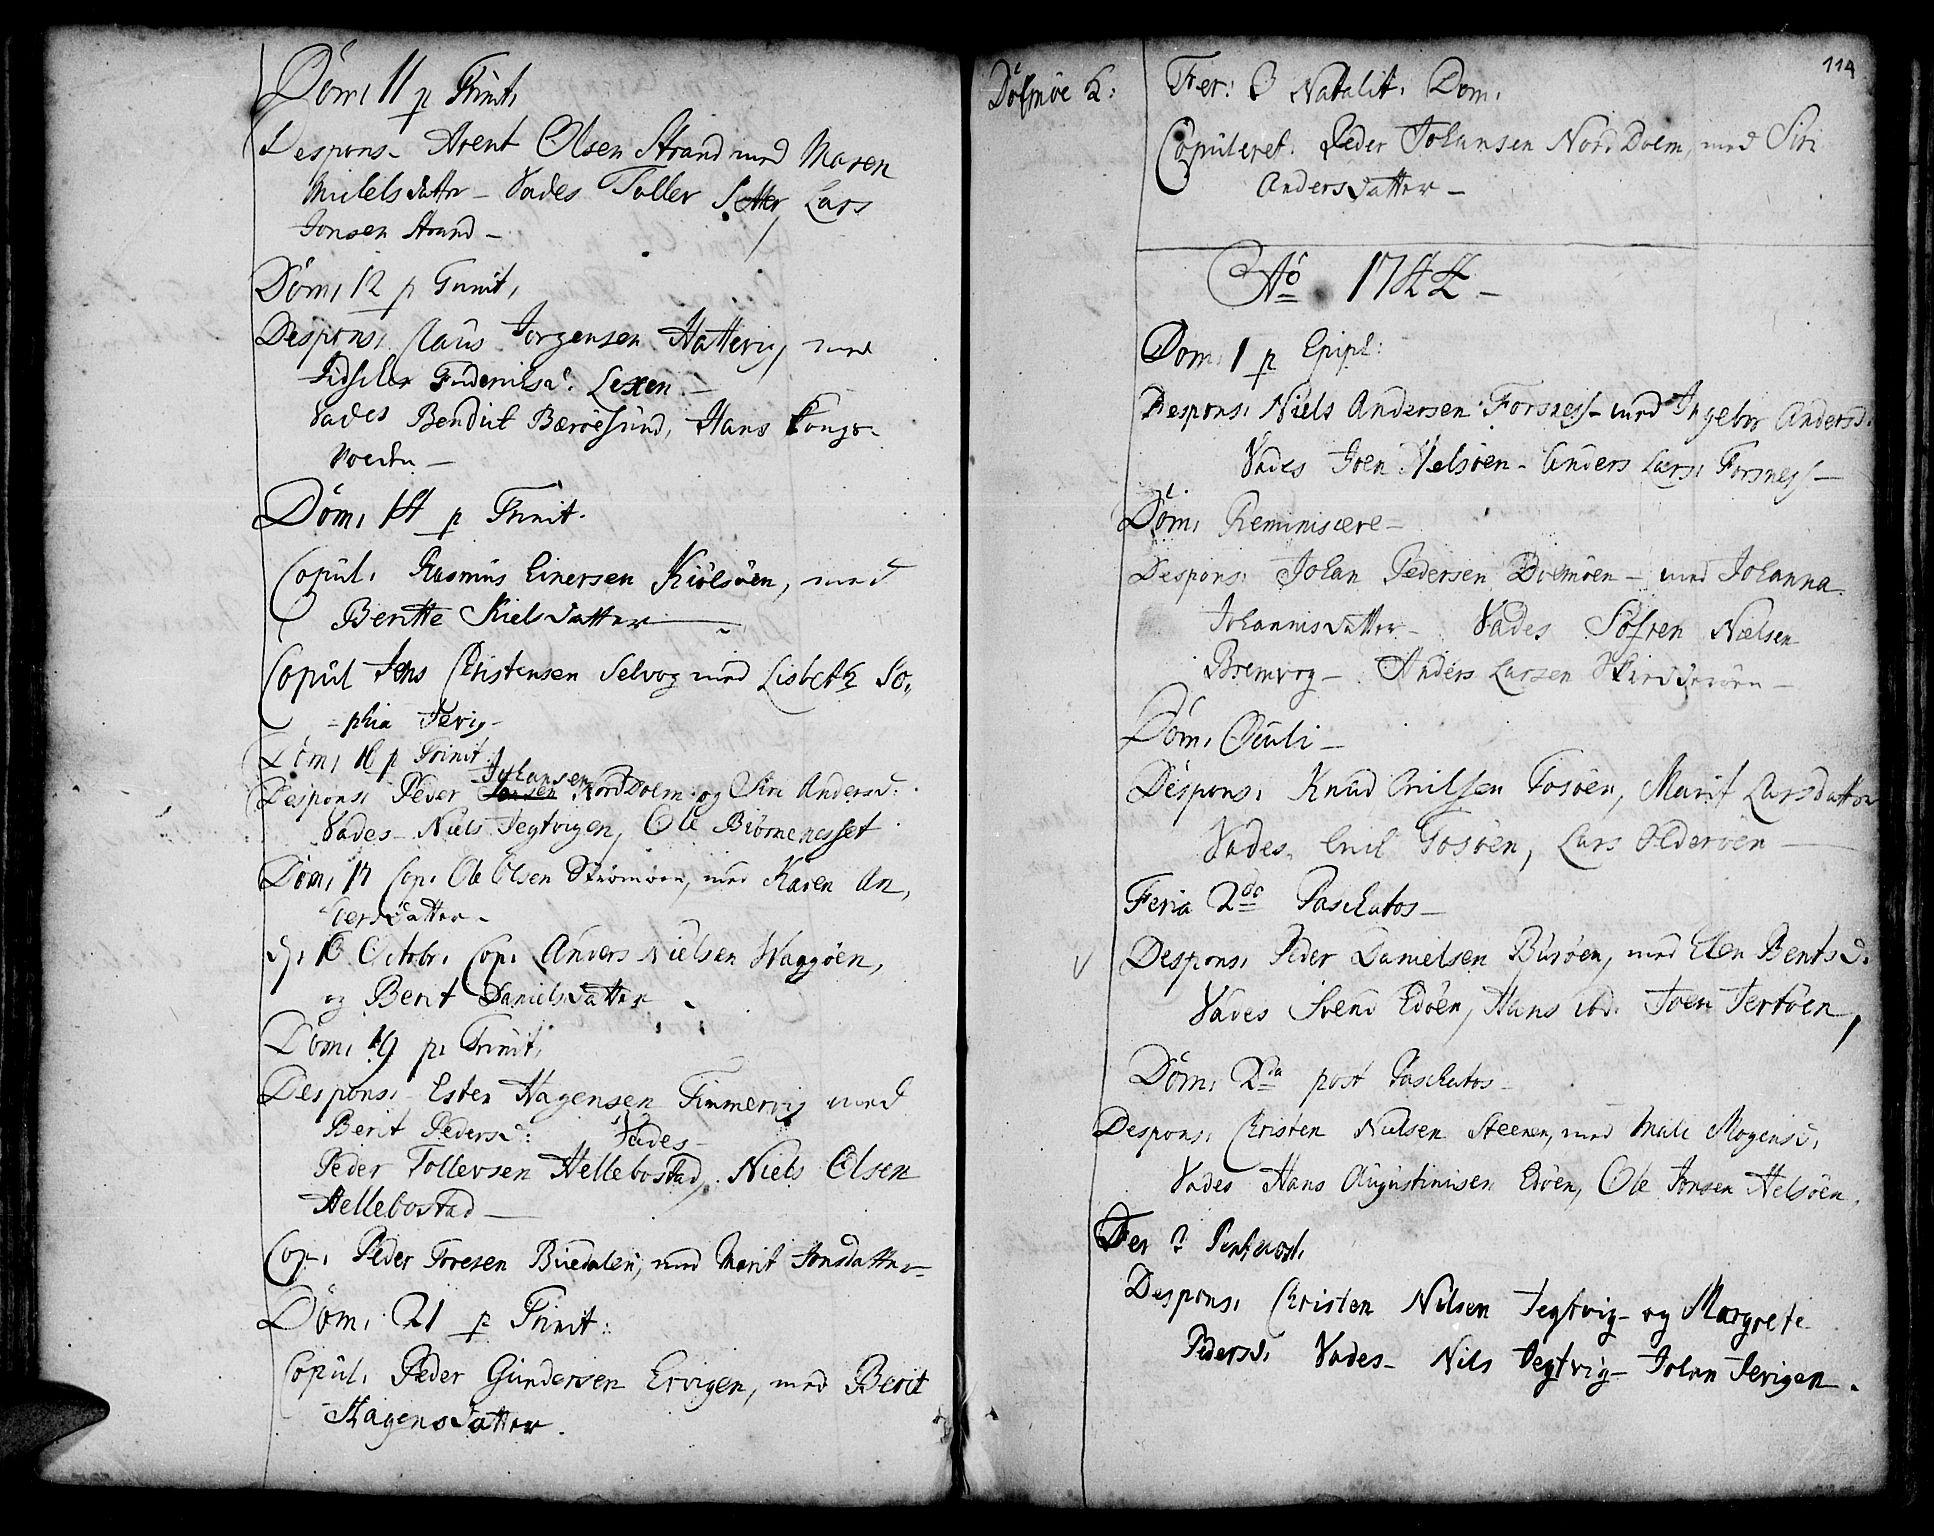 SAT, Ministerialprotokoller, klokkerbøker og fødselsregistre - Sør-Trøndelag, 634/L0525: Ministerialbok nr. 634A01, 1736-1775, s. 114